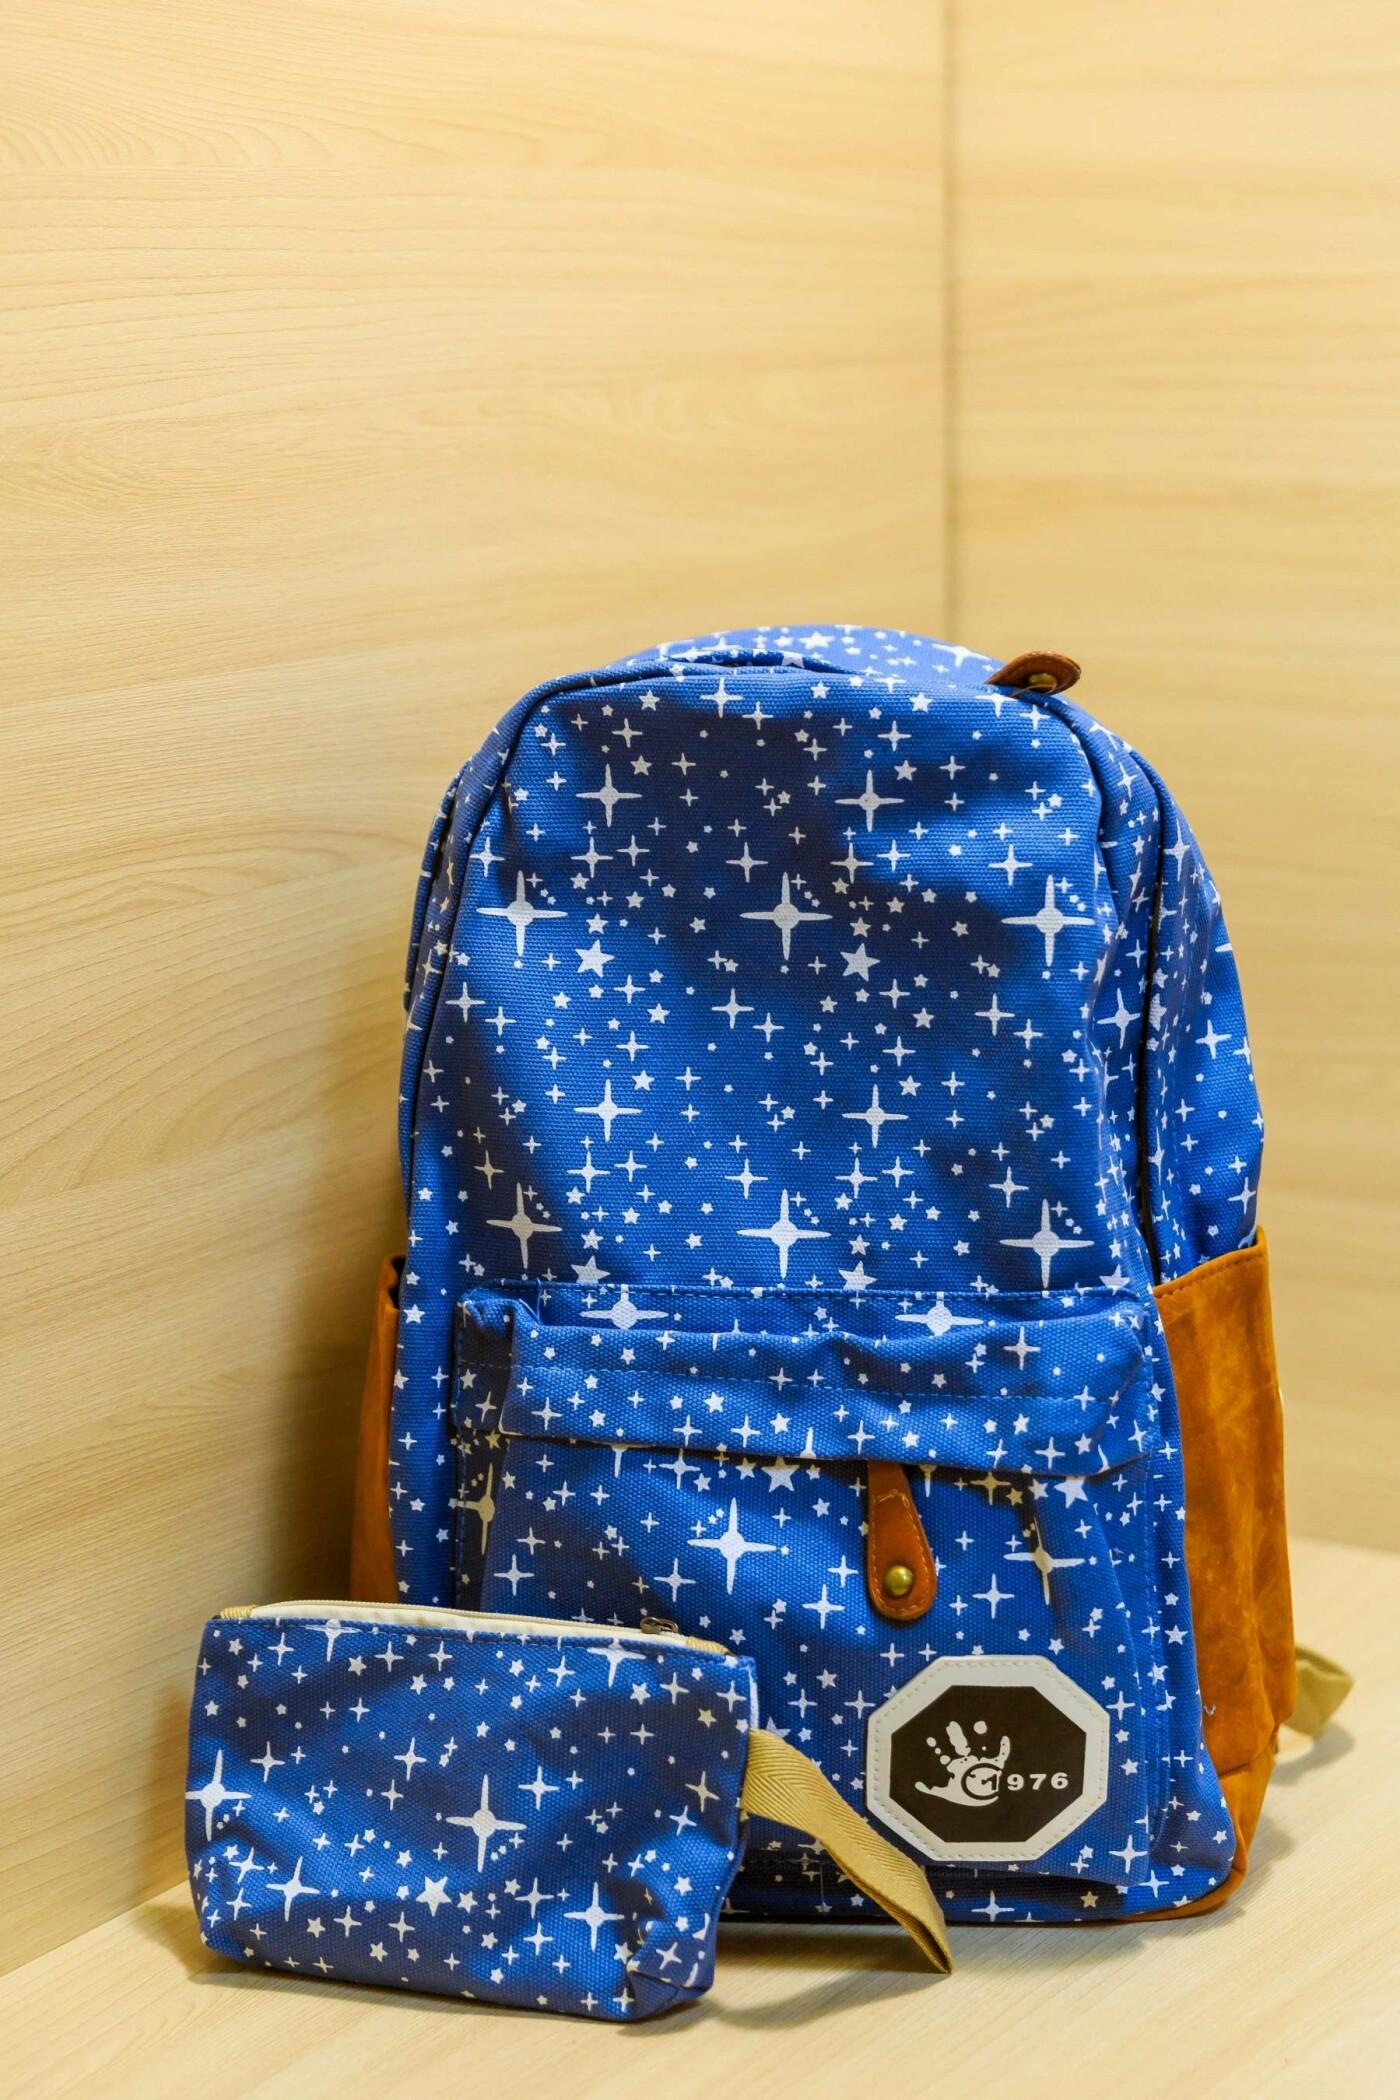 Яркие и практичные рюкзаки Rory, фото-3